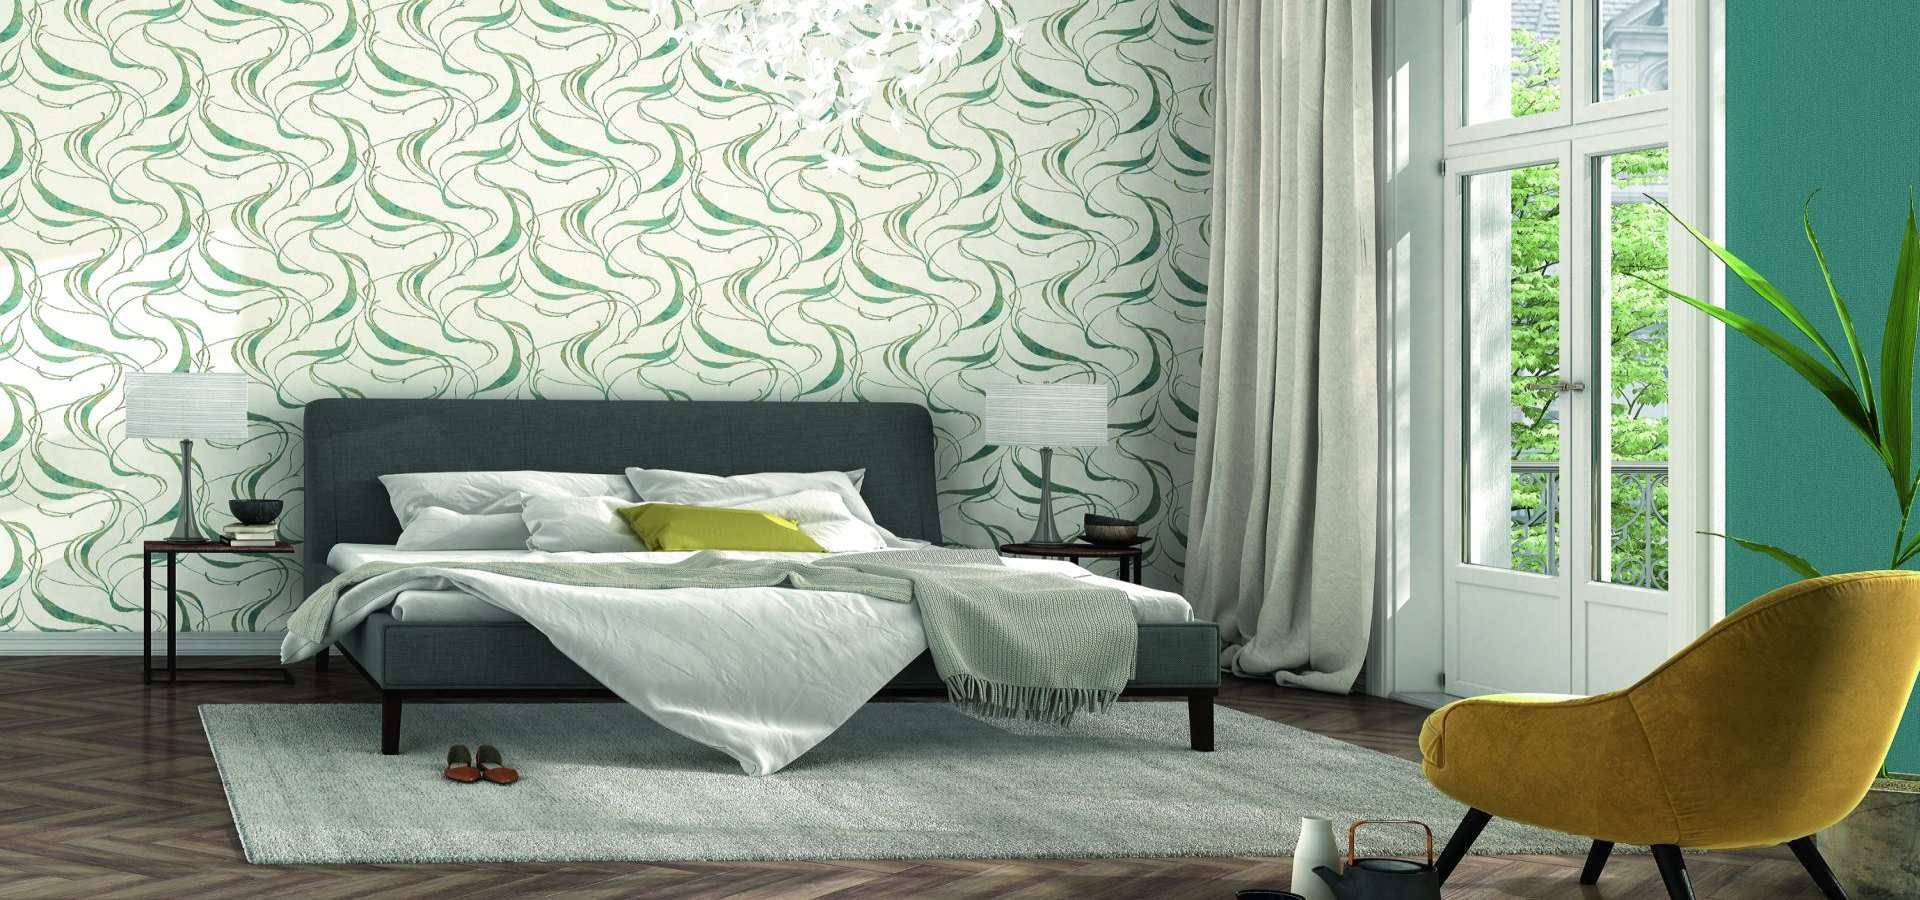 Bild Schlafzimmer Tapete natur grün